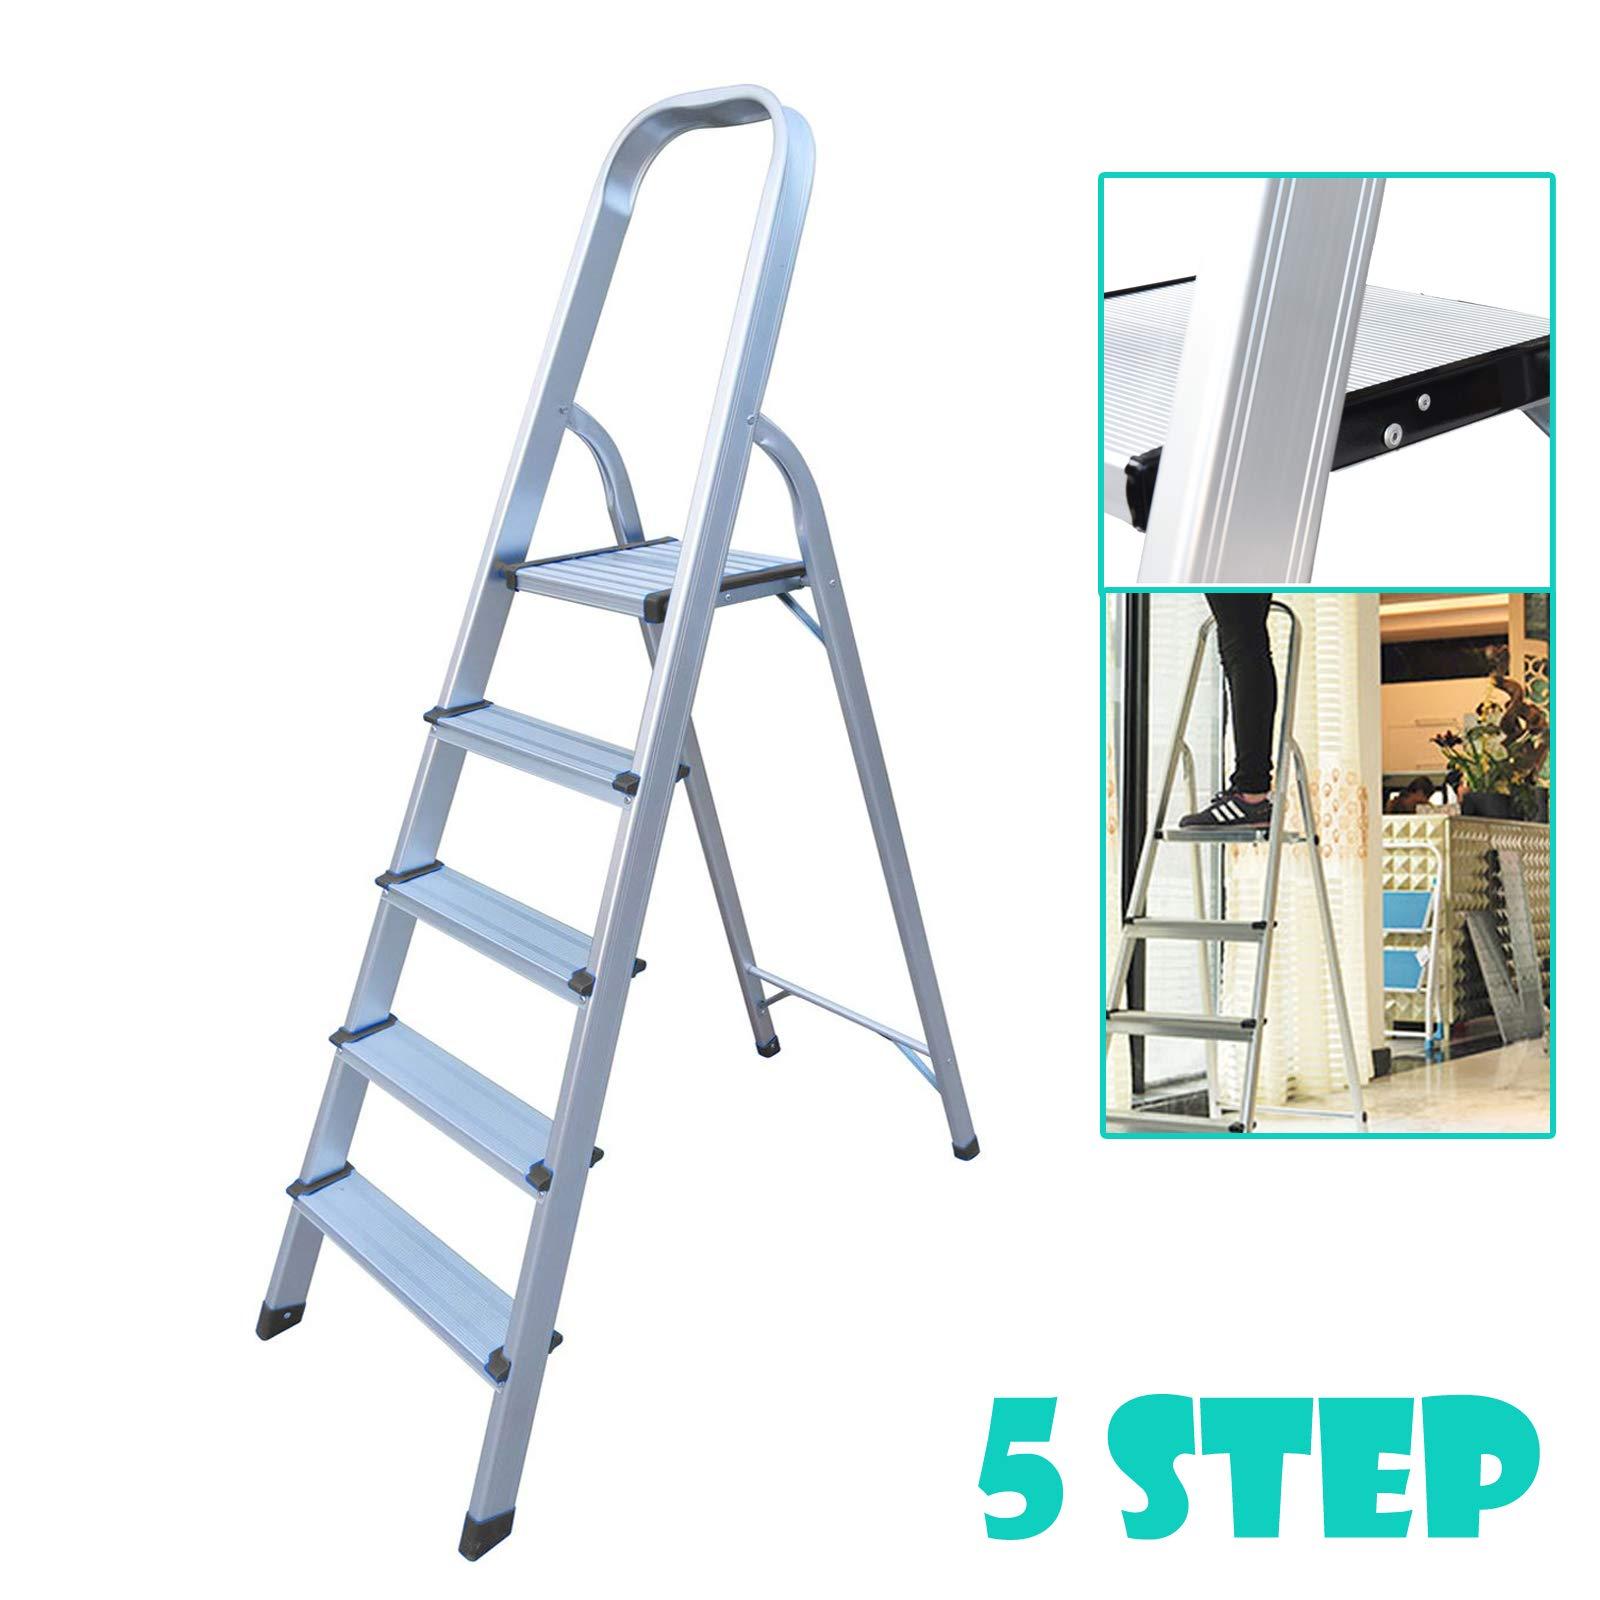 Escalera de aluminio de 5 pasos, ligera, portátil, de seguridad, antideslizante, con peldaños plegables, soporta hasta 150 kg: Amazon.es: Bricolaje y herramientas